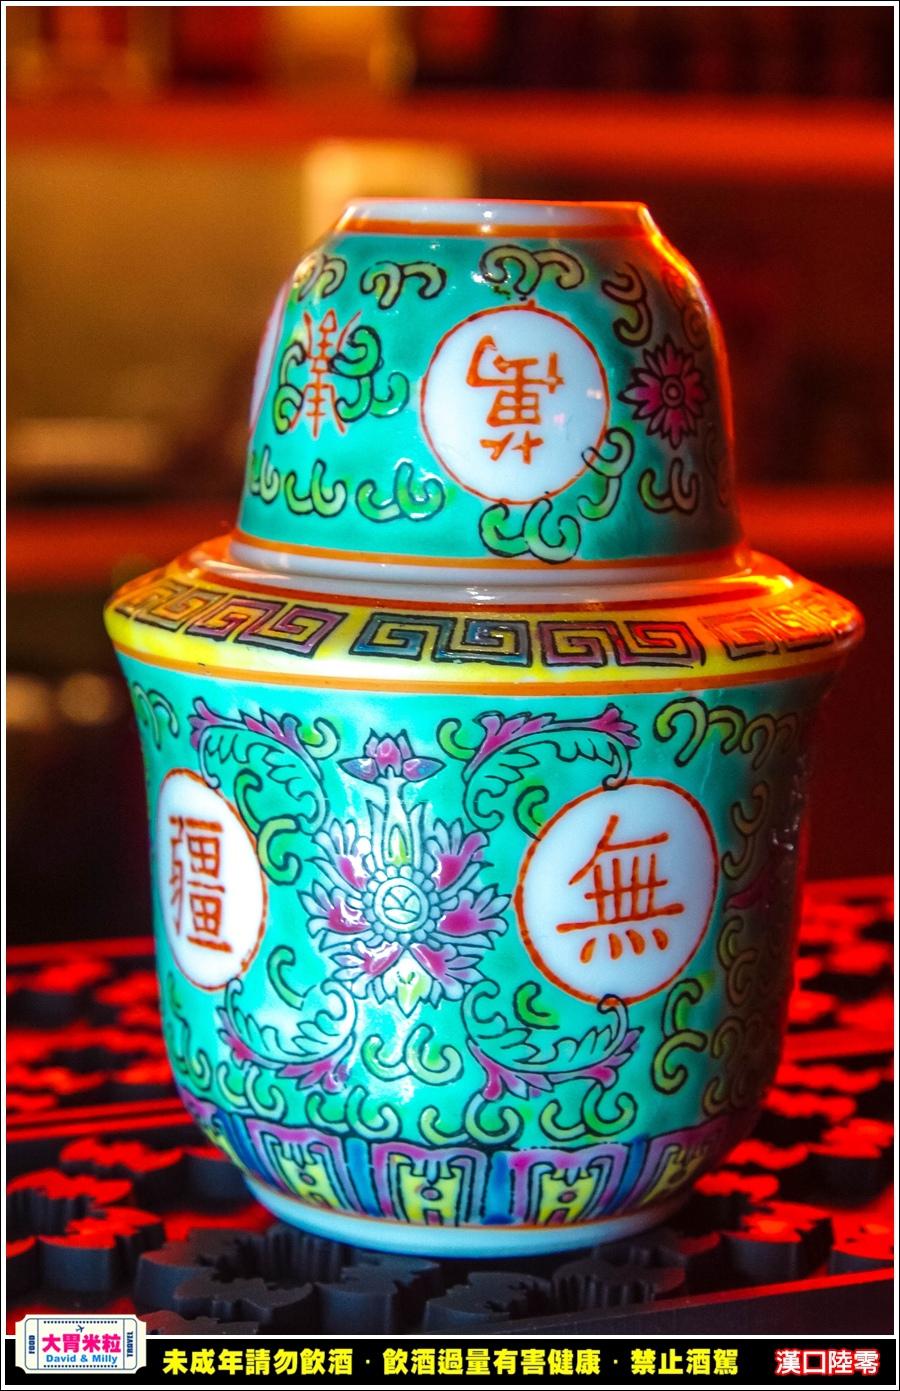 西門町酒吧推薦@HANKO 60 漢口陸零x戰酒金門高粱酒@大胃米粒0041.jpg